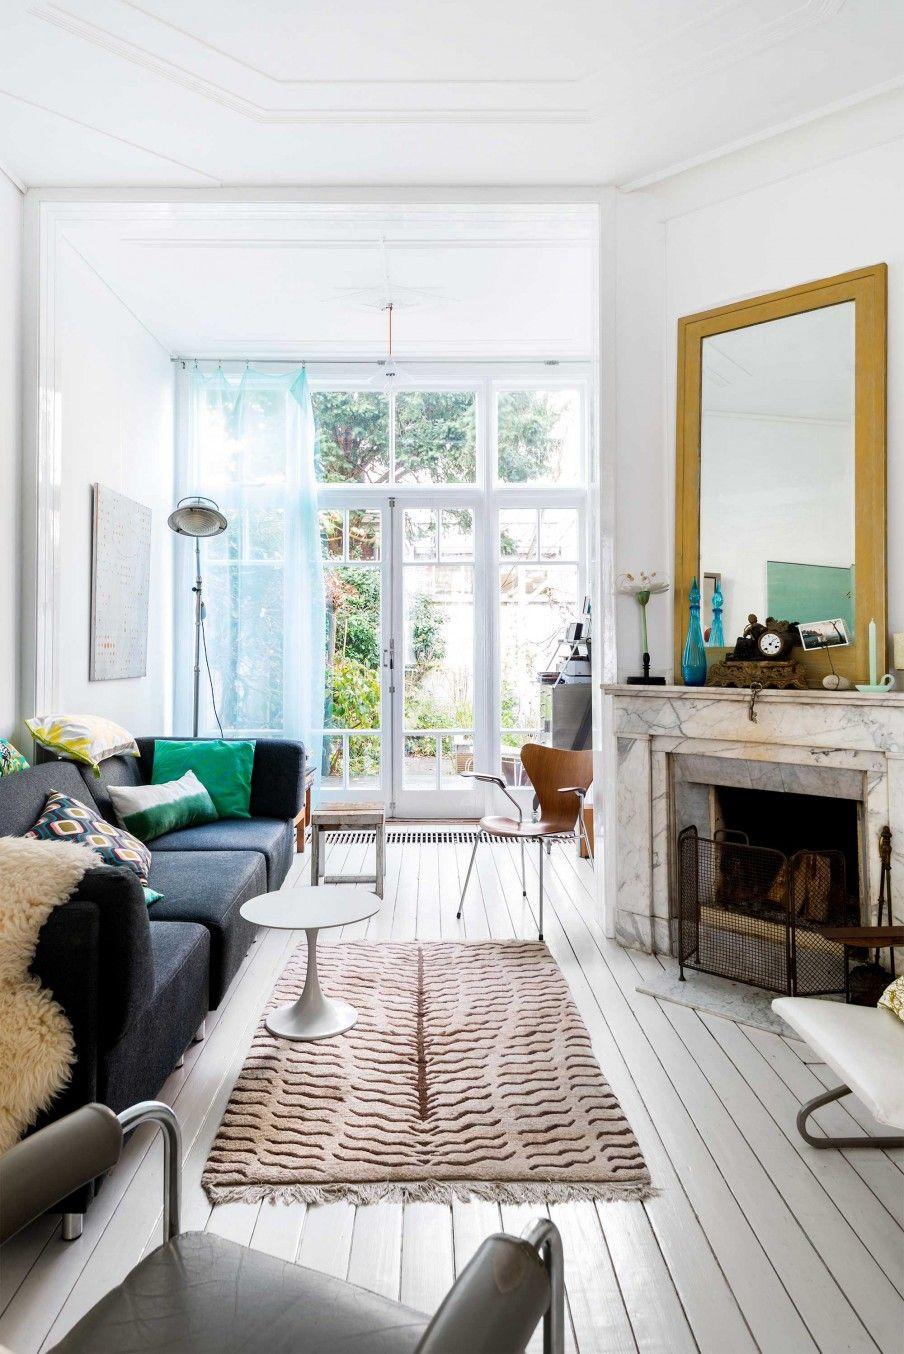 Woonkamer met witte vloer en gele spiegel   Living room with white ...